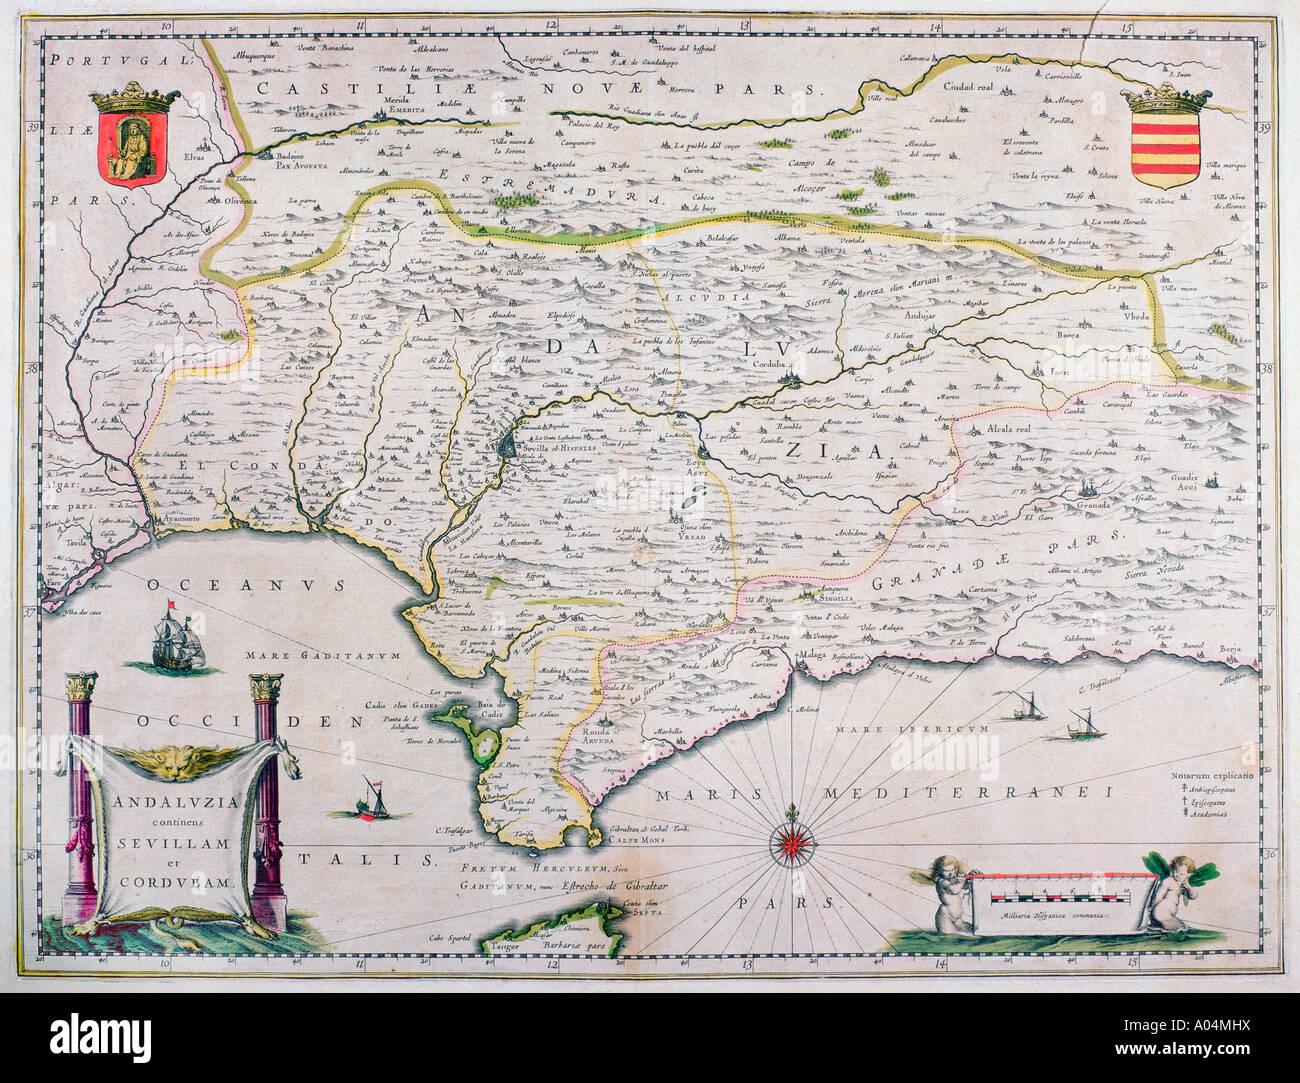 Carte Geographique Andalousie.La Carte De L Andalousie Espagne Par Willem Et Ou Joannes Blaeu D